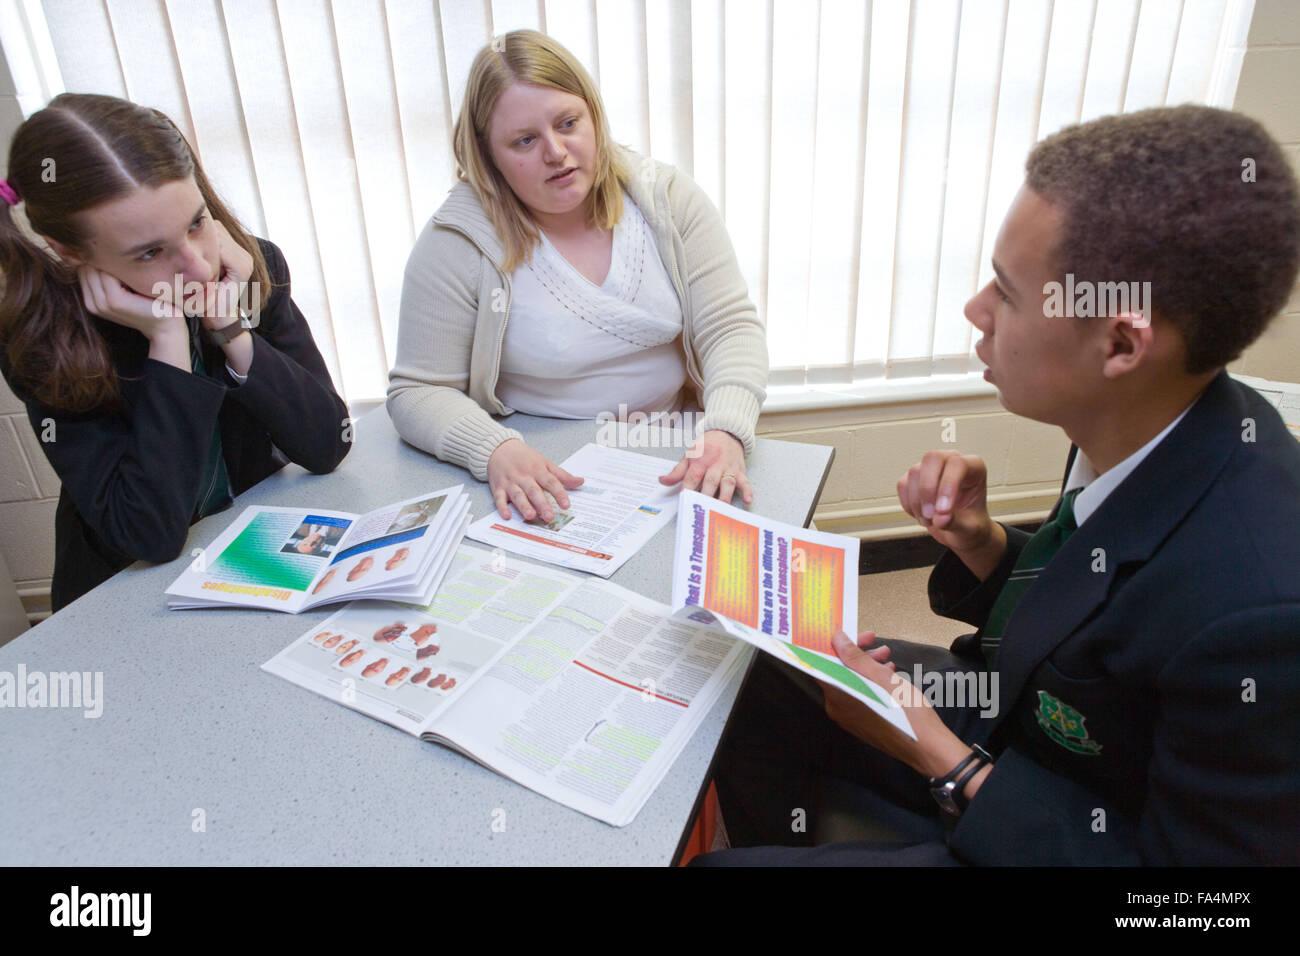 Enseignant au secondaire en discussion avec des étudiants pendant un cours de biologie, Photo Stock